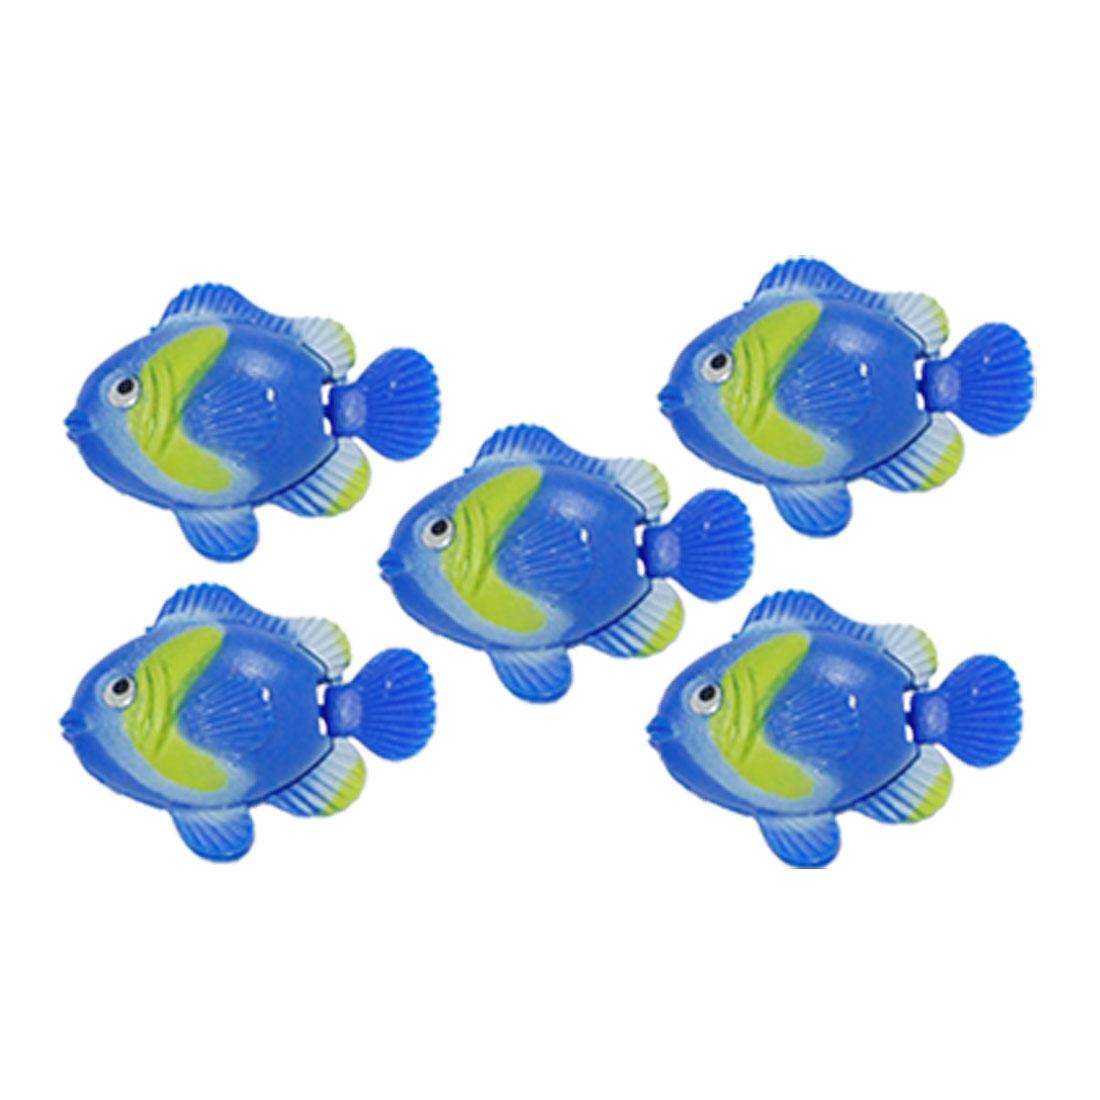 5 PCS Plastic Vividly Floating Fish Aquarium Ornament Decor